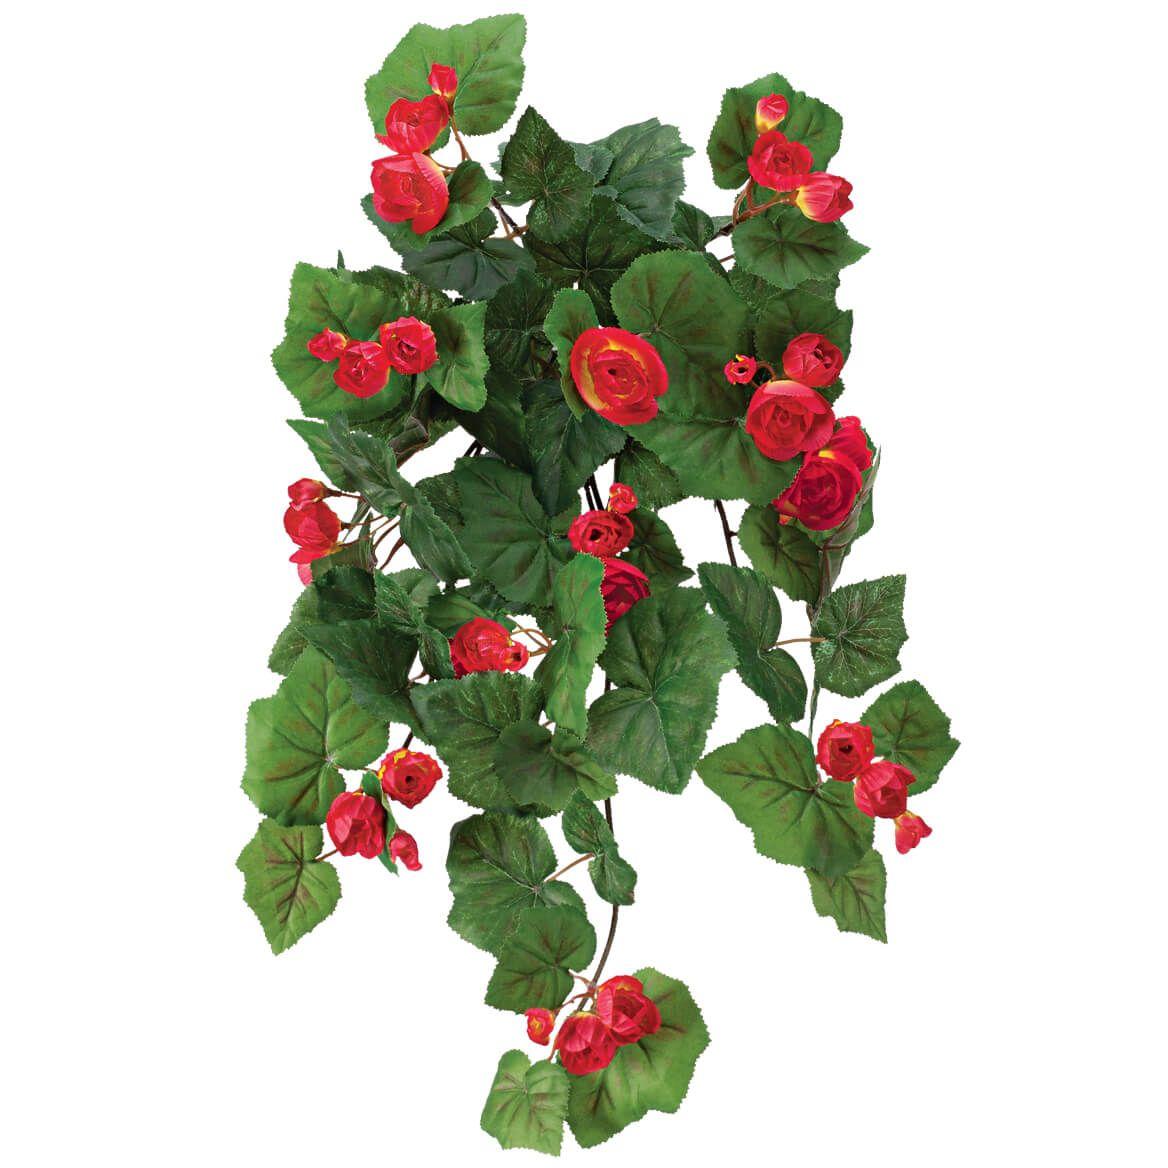 Begonia Hanging Stem by OakRidge™-355287